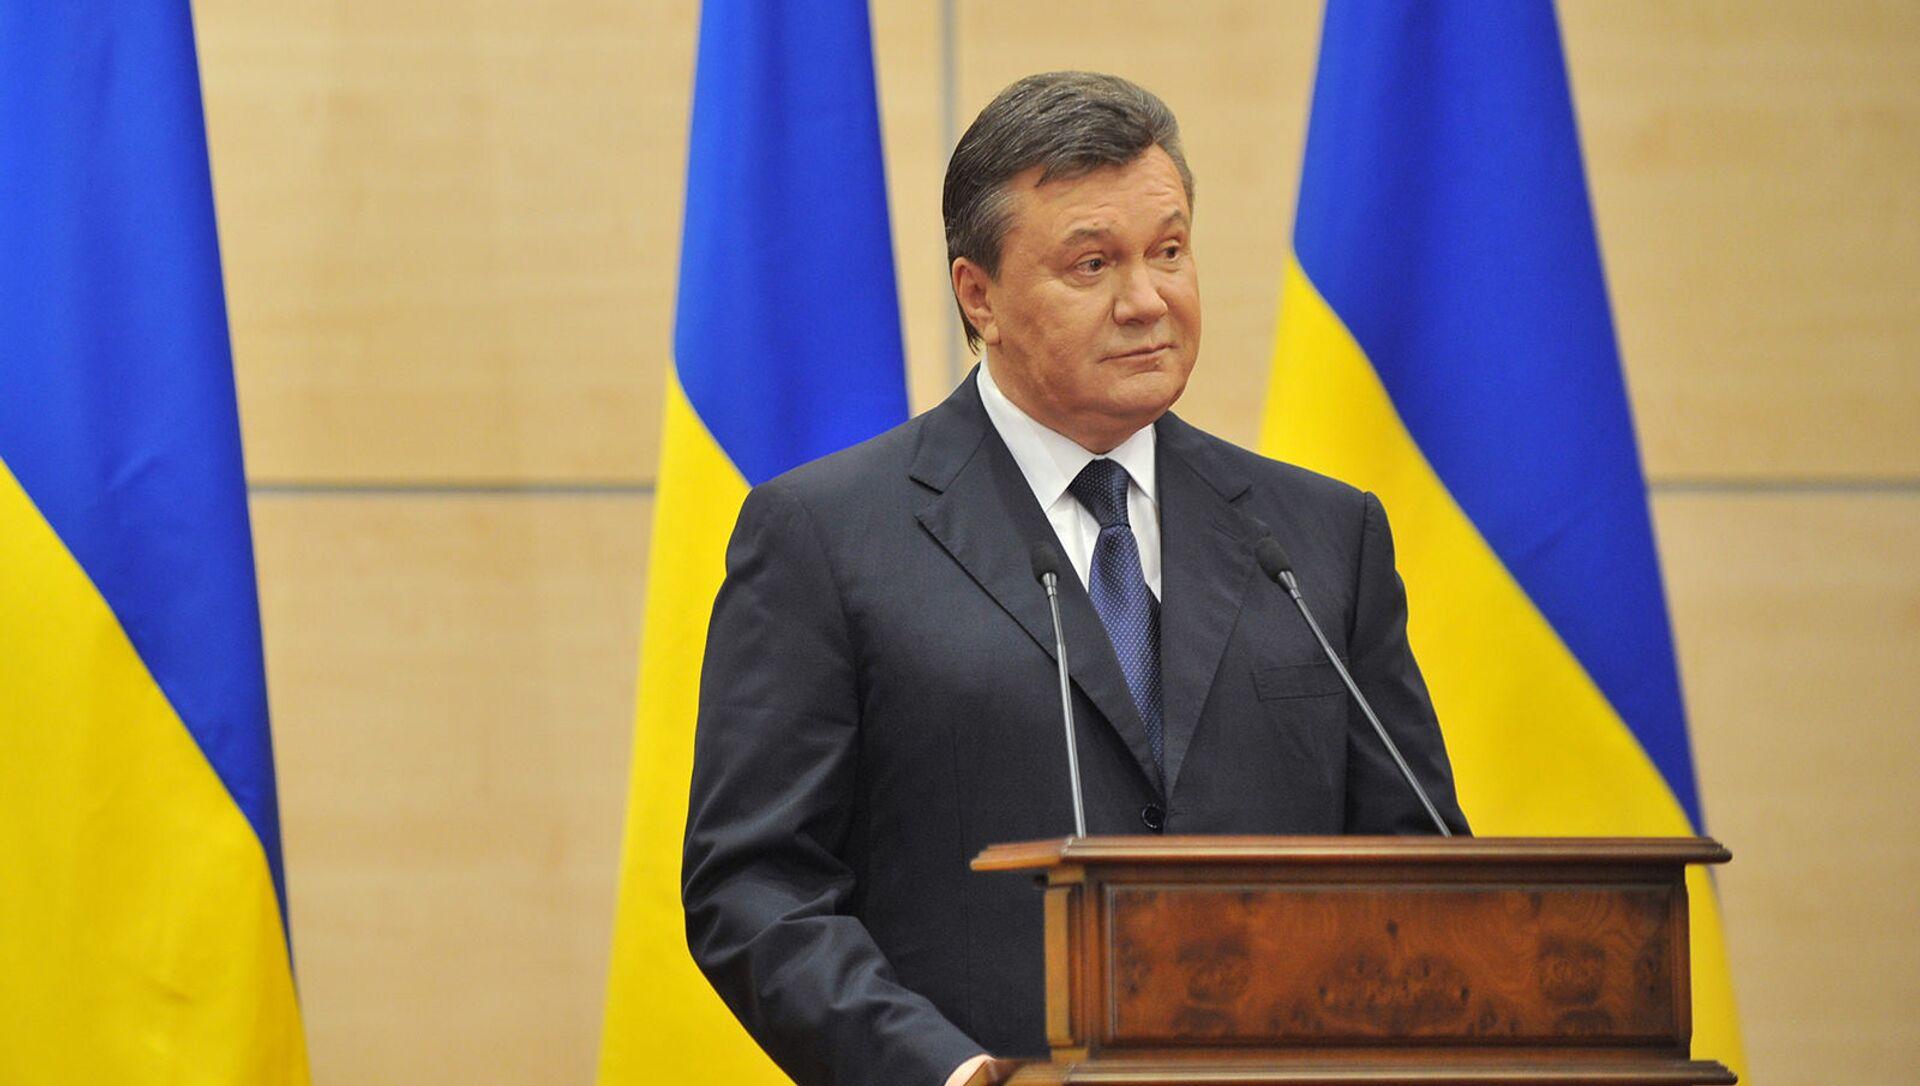 Виктор Янукович, объявивший себя ранее легитимным президентом Украины, выступает на пресс-конференции (11 марта 2014). Ростов-на-Дону - Sputnik Армения, 1920, 17.08.2021